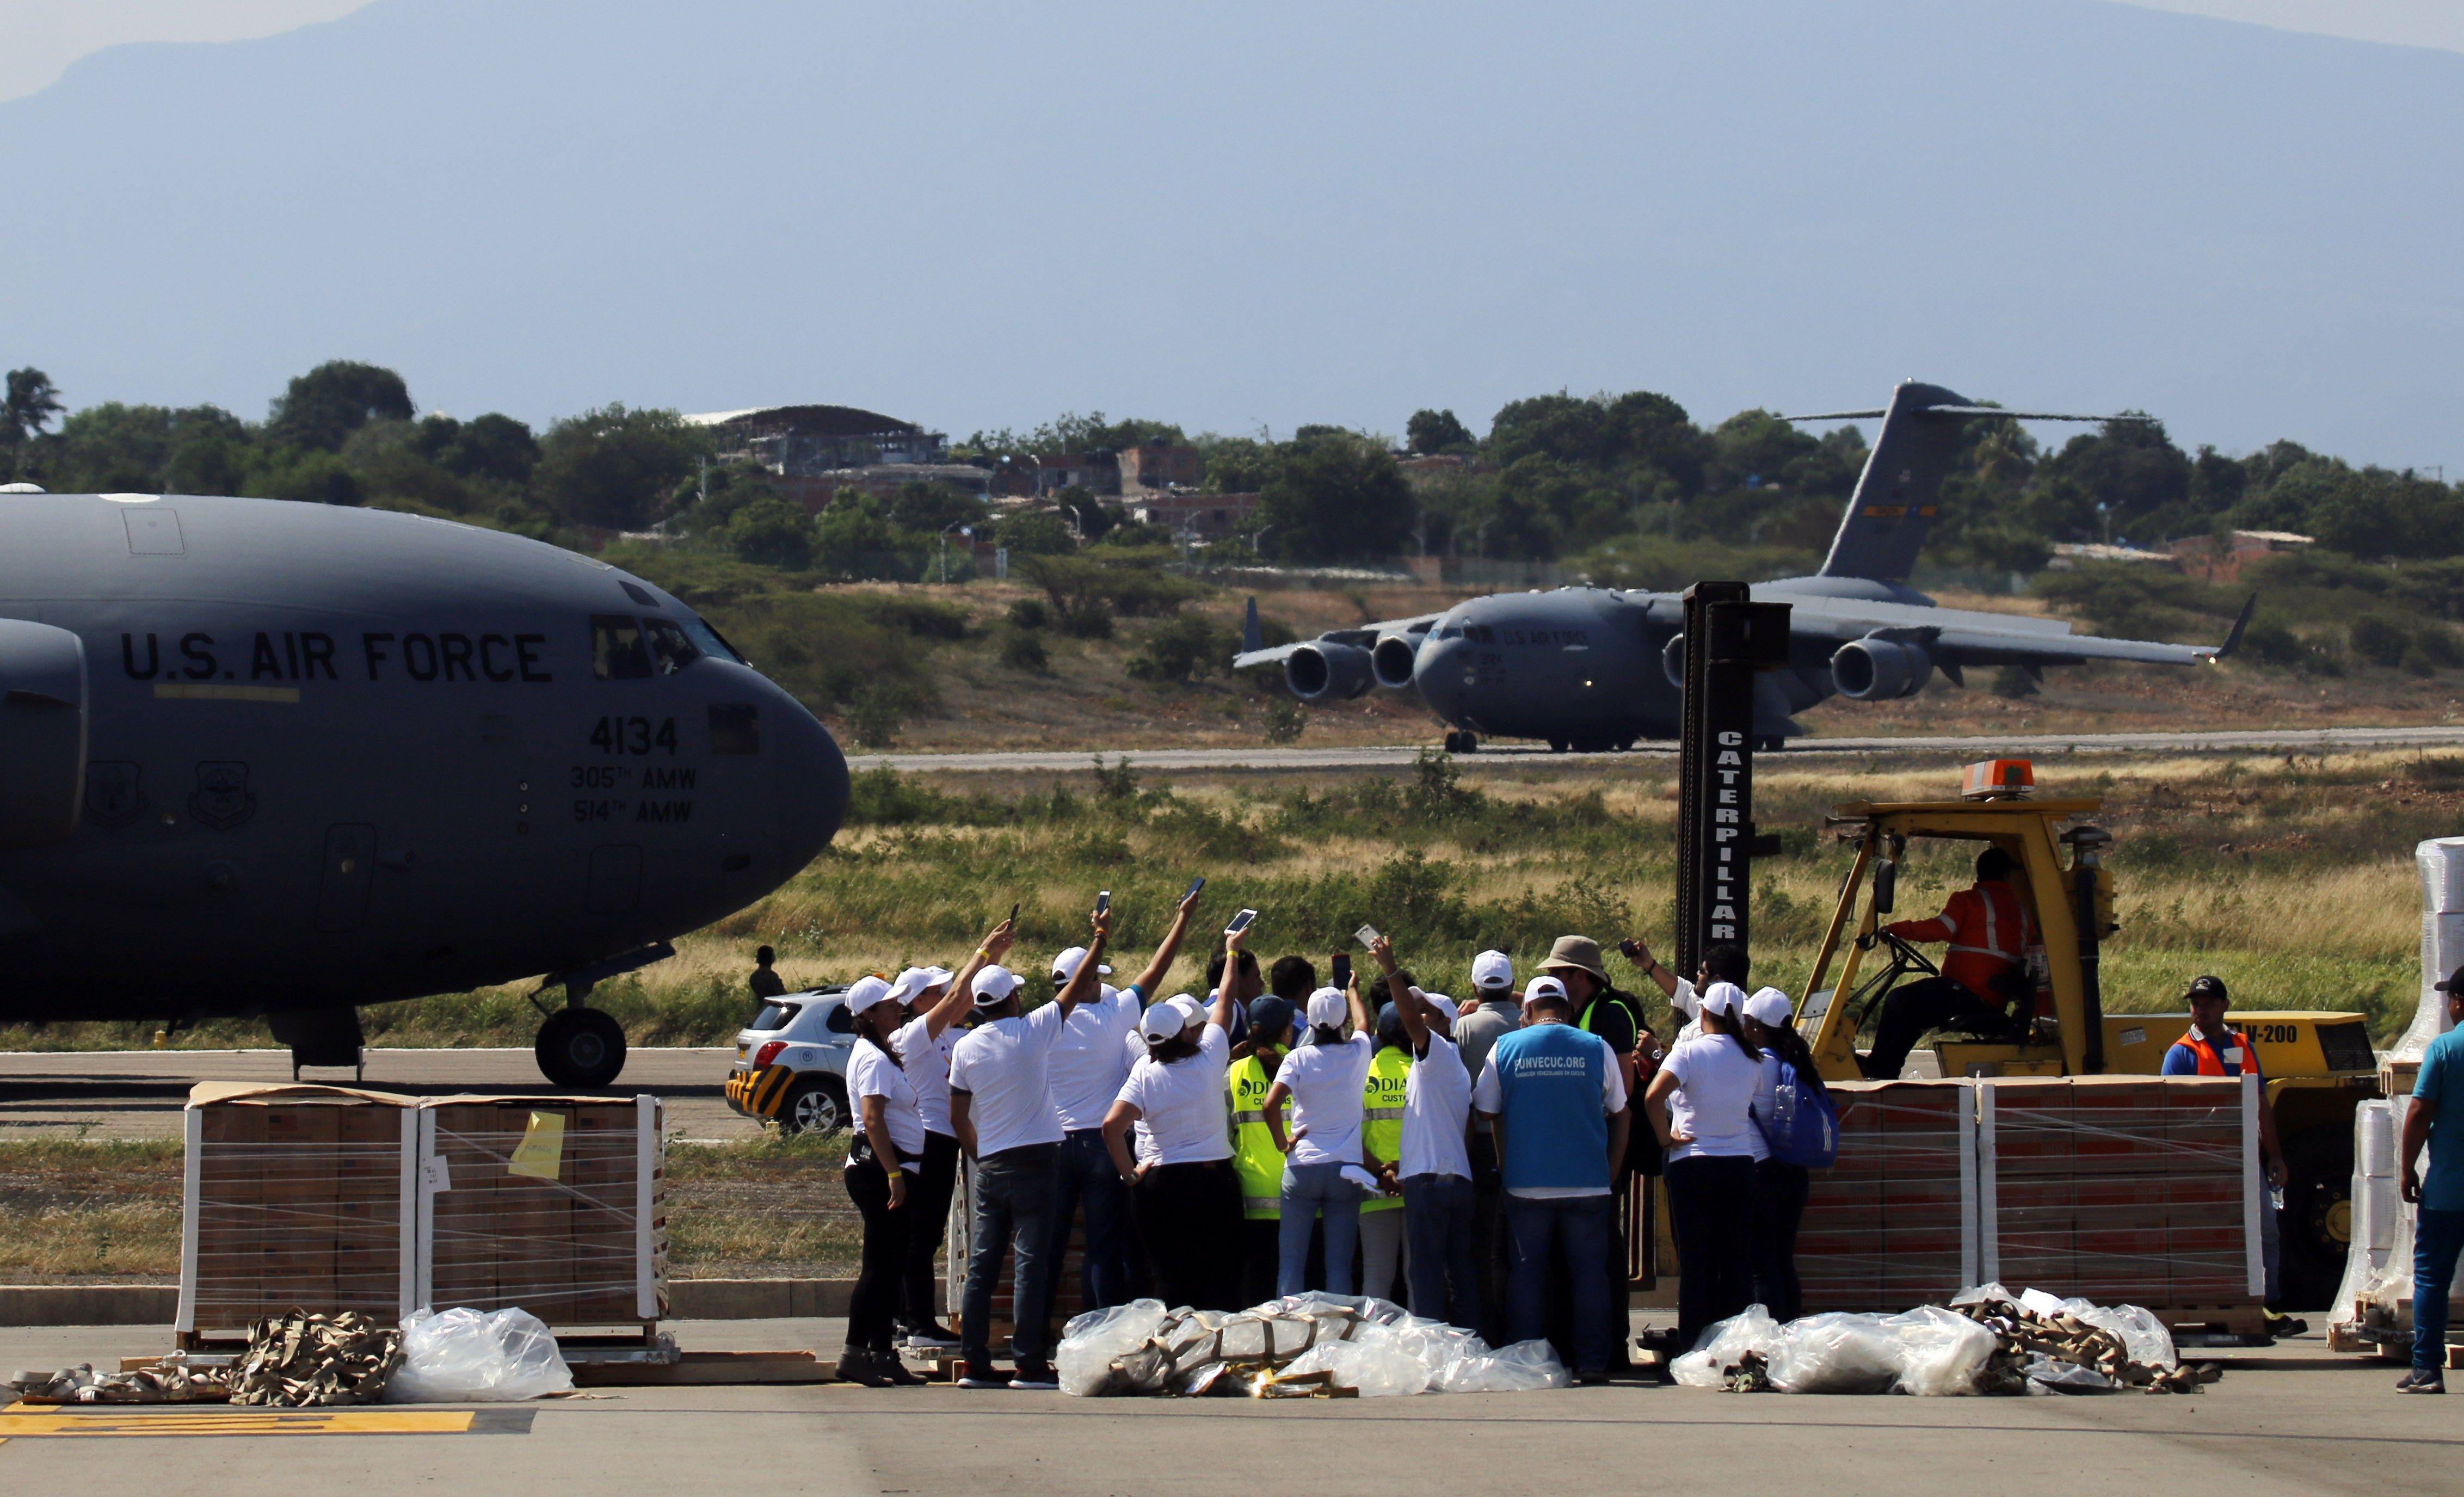 Trabajadores descargan las ayudas del primero de tres aviones de carga C-17 de la Fuerza Aérea de Estados Unidos y celebran el aterrizaje del segundo avión este sábado en el aeropuerto Camilo Daza de Cúcuta (Colombia), con ayuda humanitaria para Venezuela. (Foto, Prensa Libre: Efe).